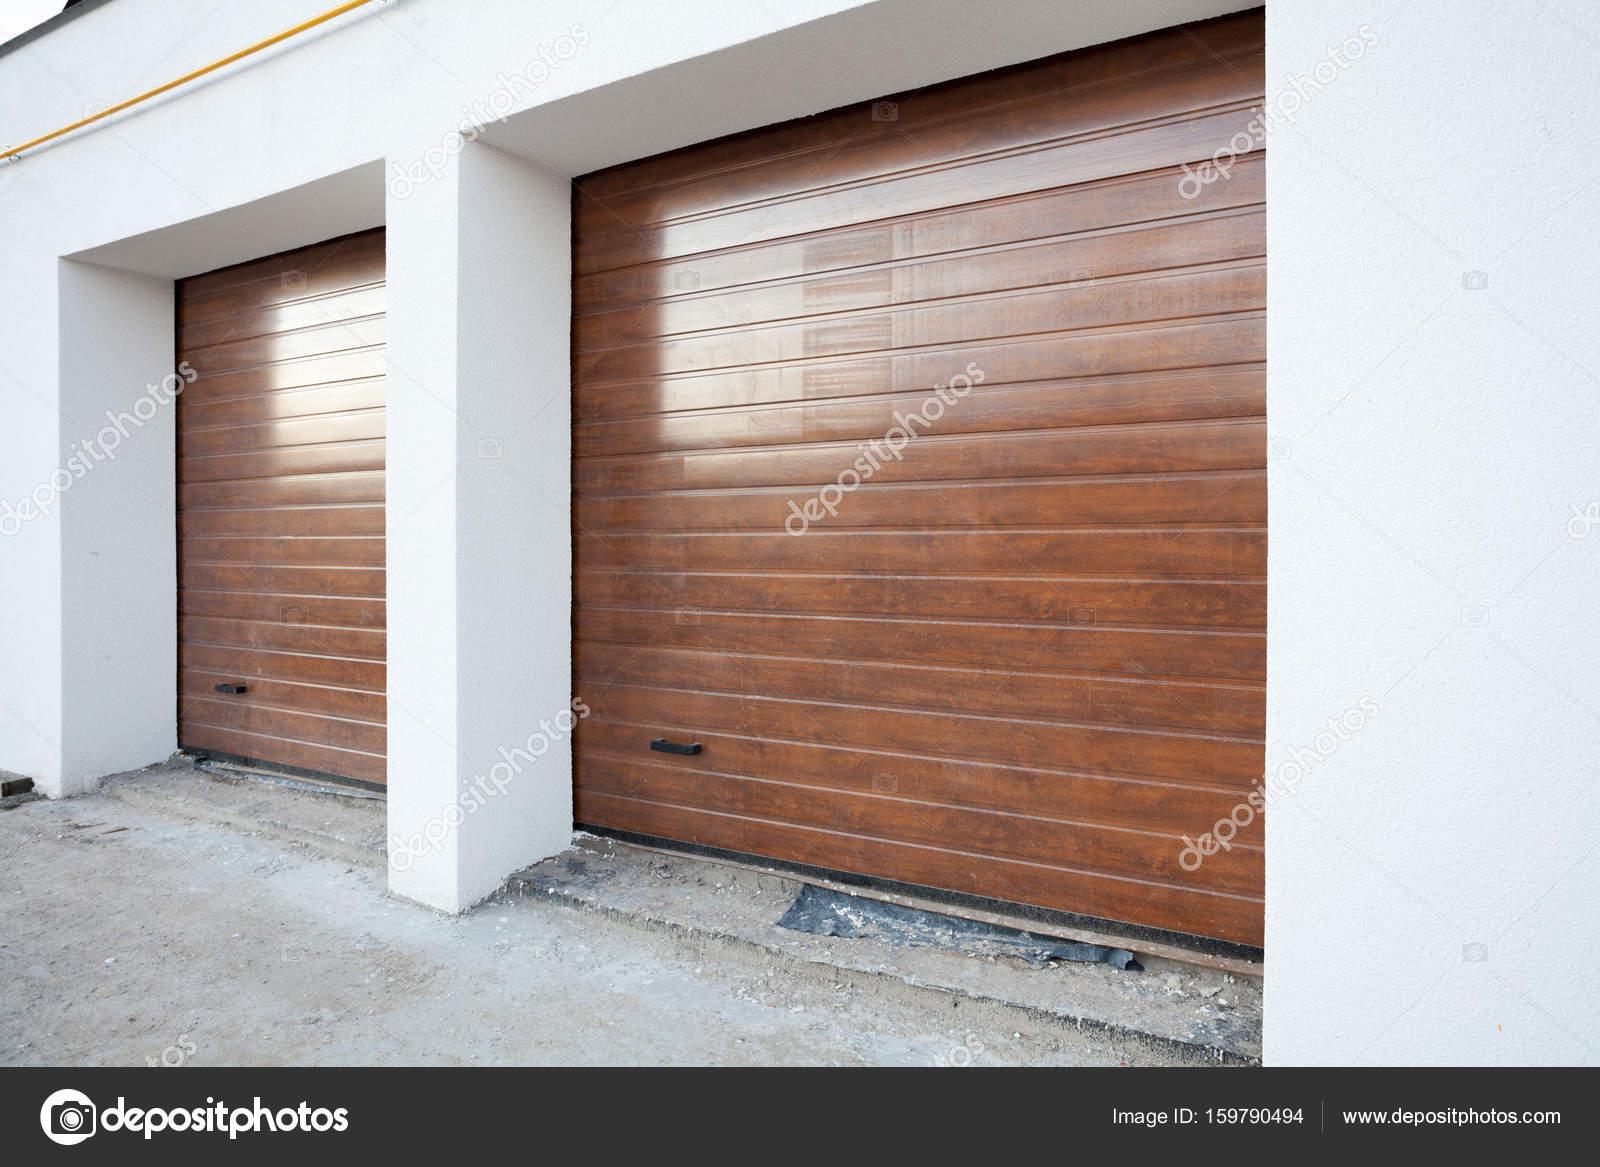 Tür Garage Haus braune doppelgarage tür in ein neues haus stockfoto brizmaker